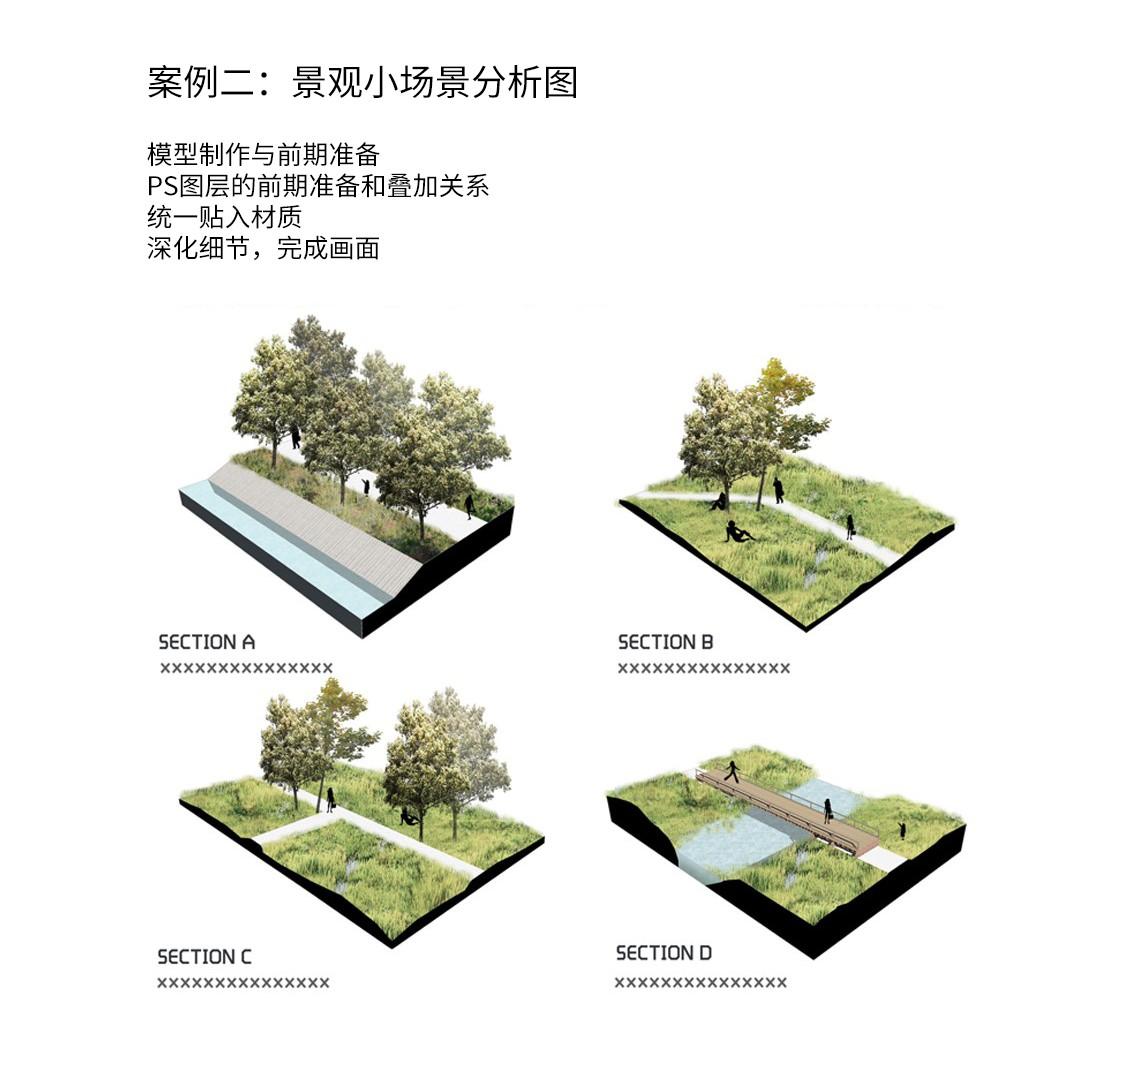 PS景观分析图,景观小场景分析图,包含:模型制作与前期准备,PS图层的前期准备和叠加关系,统一贴入材质,深化细节,完成画面